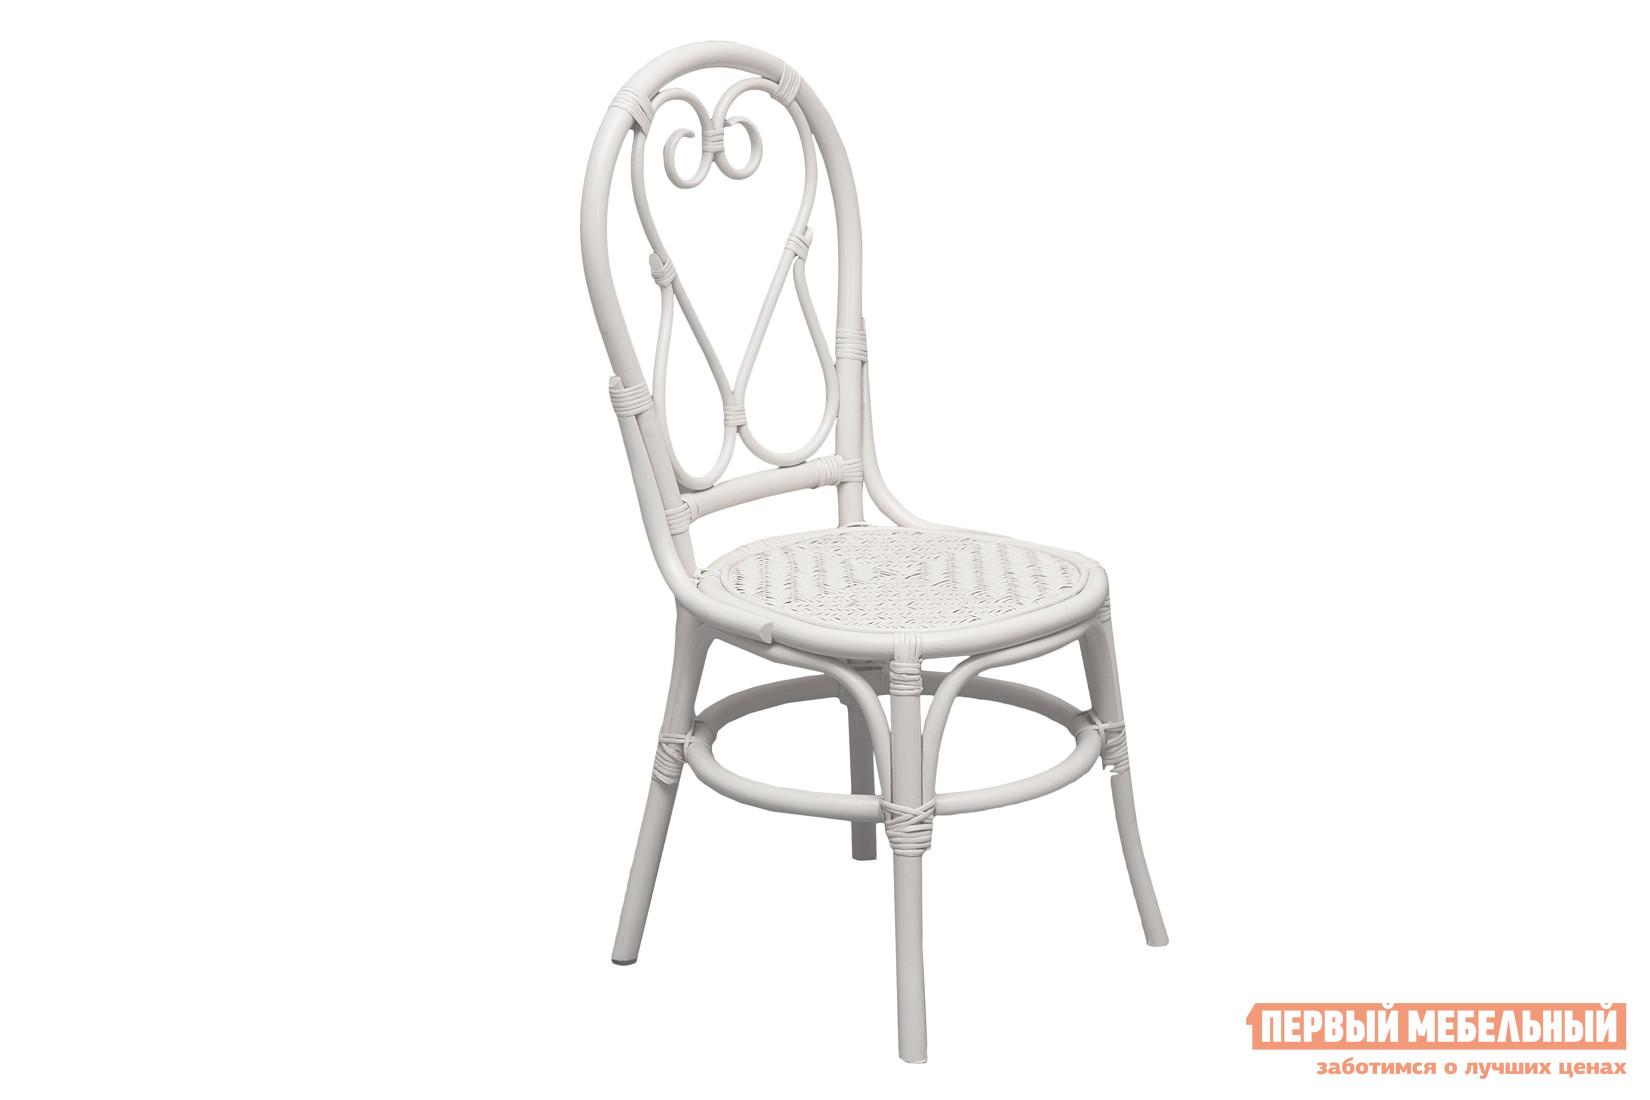 Садовое кресло Tetchair Бистро Butter WhiteСадовые стулья и кресла<br>Габаритные размеры ВхШхГ 990x490x470 мм. Изящность линий стула Бистро покоряет сердце с первого взгляда.  Эта модель воплощает в себе лучшие черты натуральных материалов и практичность садовой мебели.  Стул изготавливается из натурального ротанга высшего сорта.  Этот материал очень прочен, эластичен и устойчив к внешним воздействиям.  Конструкцией предусмотрен устойчивый каркас, жесткое сиденье и высокая спинка с оригинальным оформлением.  Все это делает образ изделия невесомым и лаконичным.<br><br>Цвет: Белый<br>Высота мм: 990<br>Ширина мм: 490<br>Глубина мм: 470<br>Кол-во упаковок: 1<br>Форма поставки: В собранном виде<br>Срок гарантии: 1 год<br>Тип: Плетеная<br>Материал: Натуральный ротанг<br>Материал: Ротанг<br>С жестким сиденьем: Да<br>Без подлокотников: Да